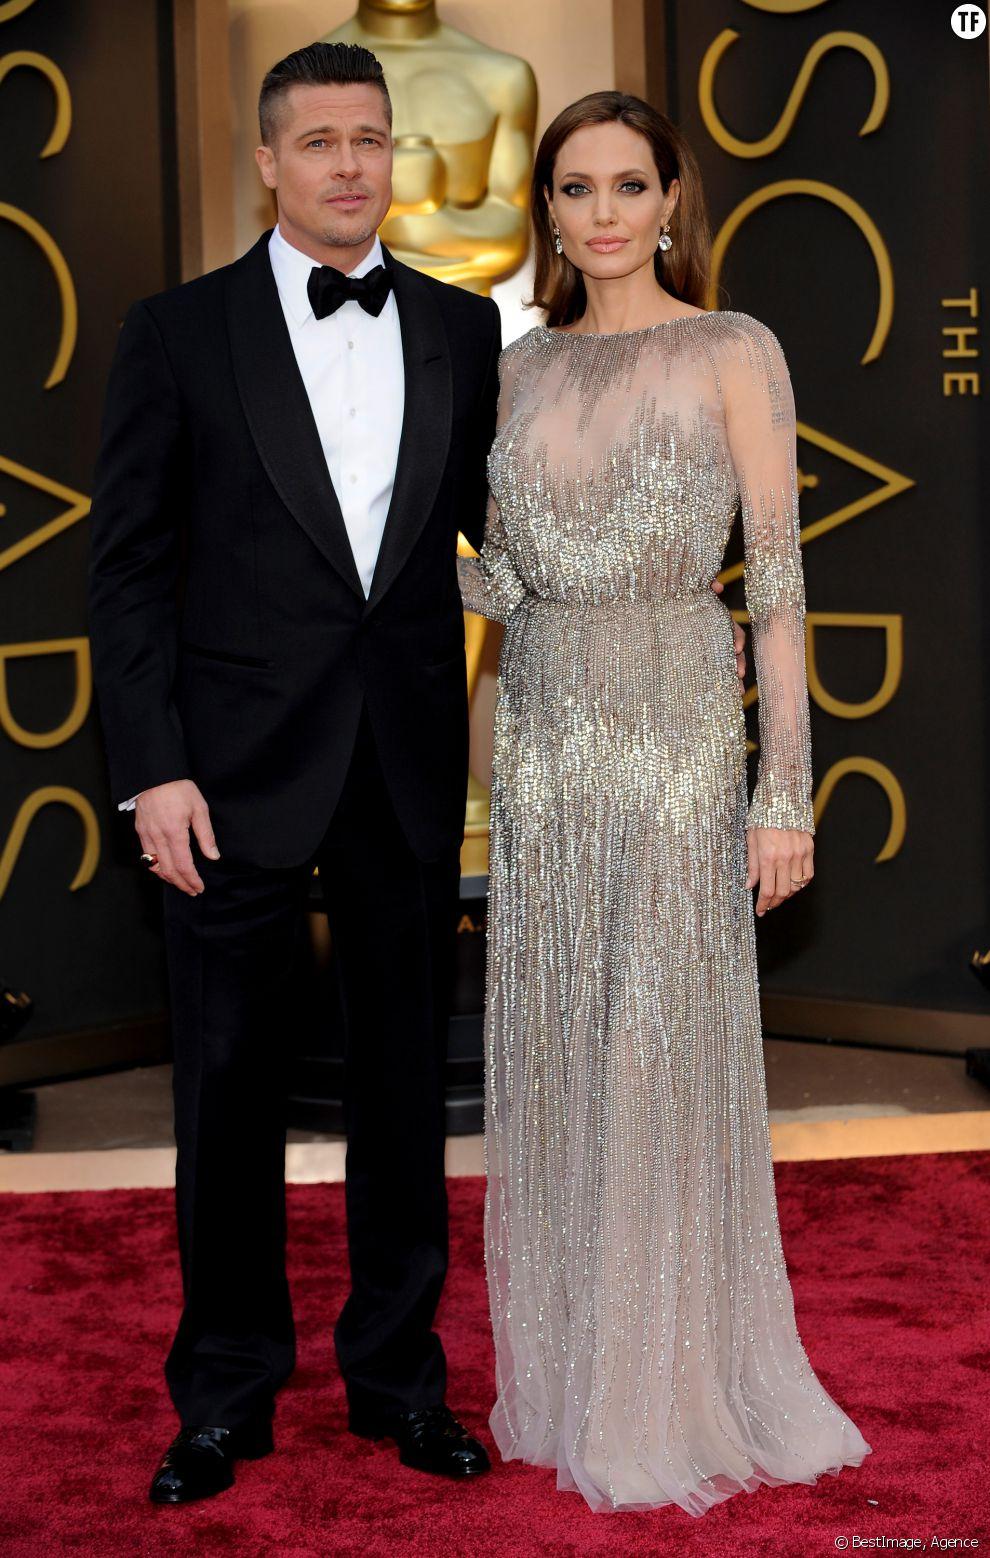 Brad Pitt et Angelina Jolie à la cérémonie des Oscars 2014